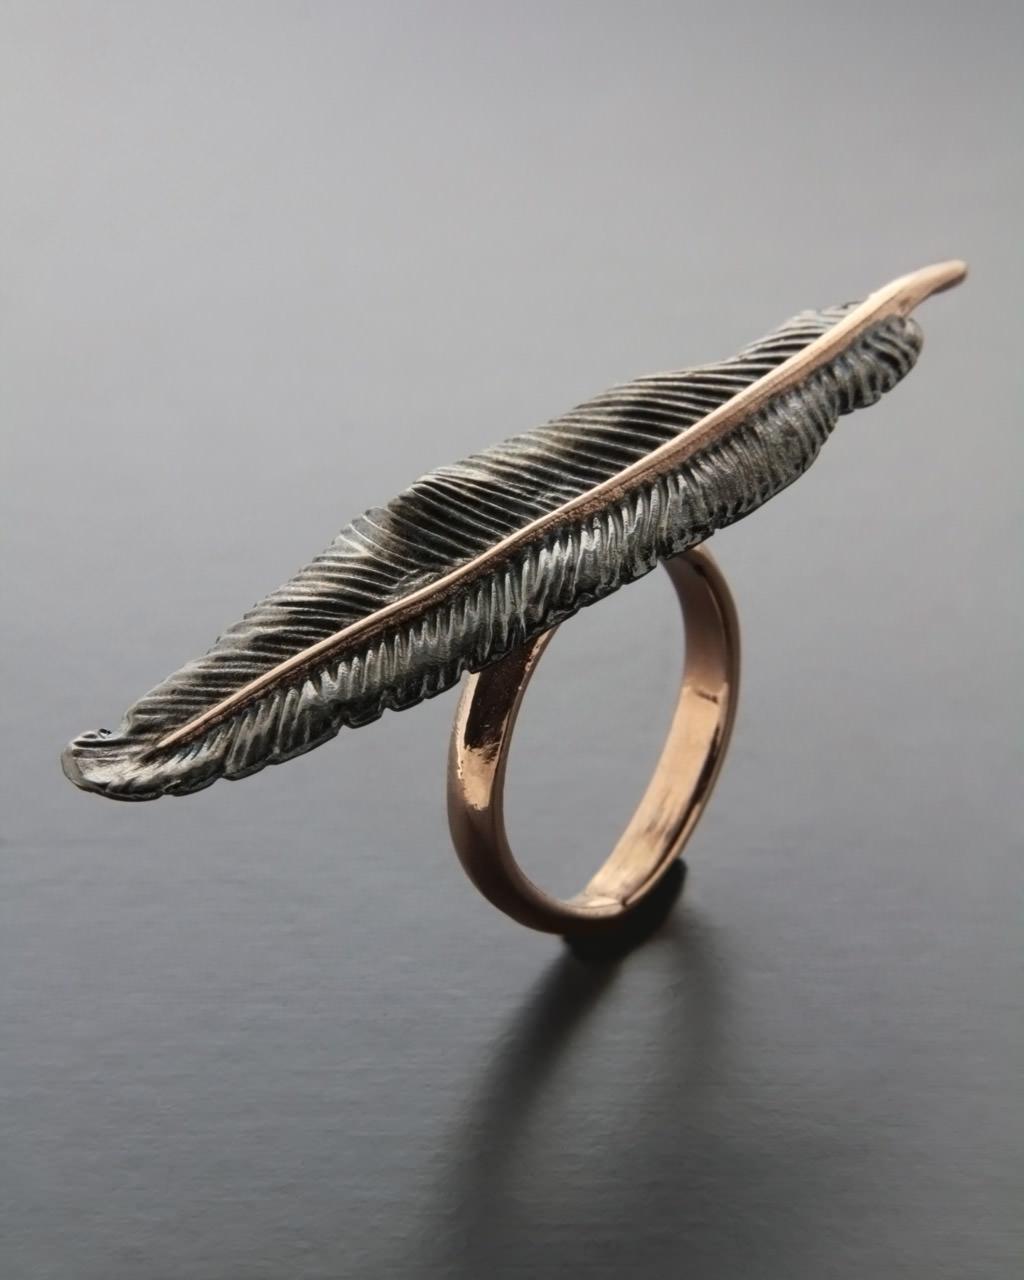 Δαχτυλίδι φτερό ασημένιο 925   γυναικα δαχτυλίδια δαχτυλίδια ασημένια